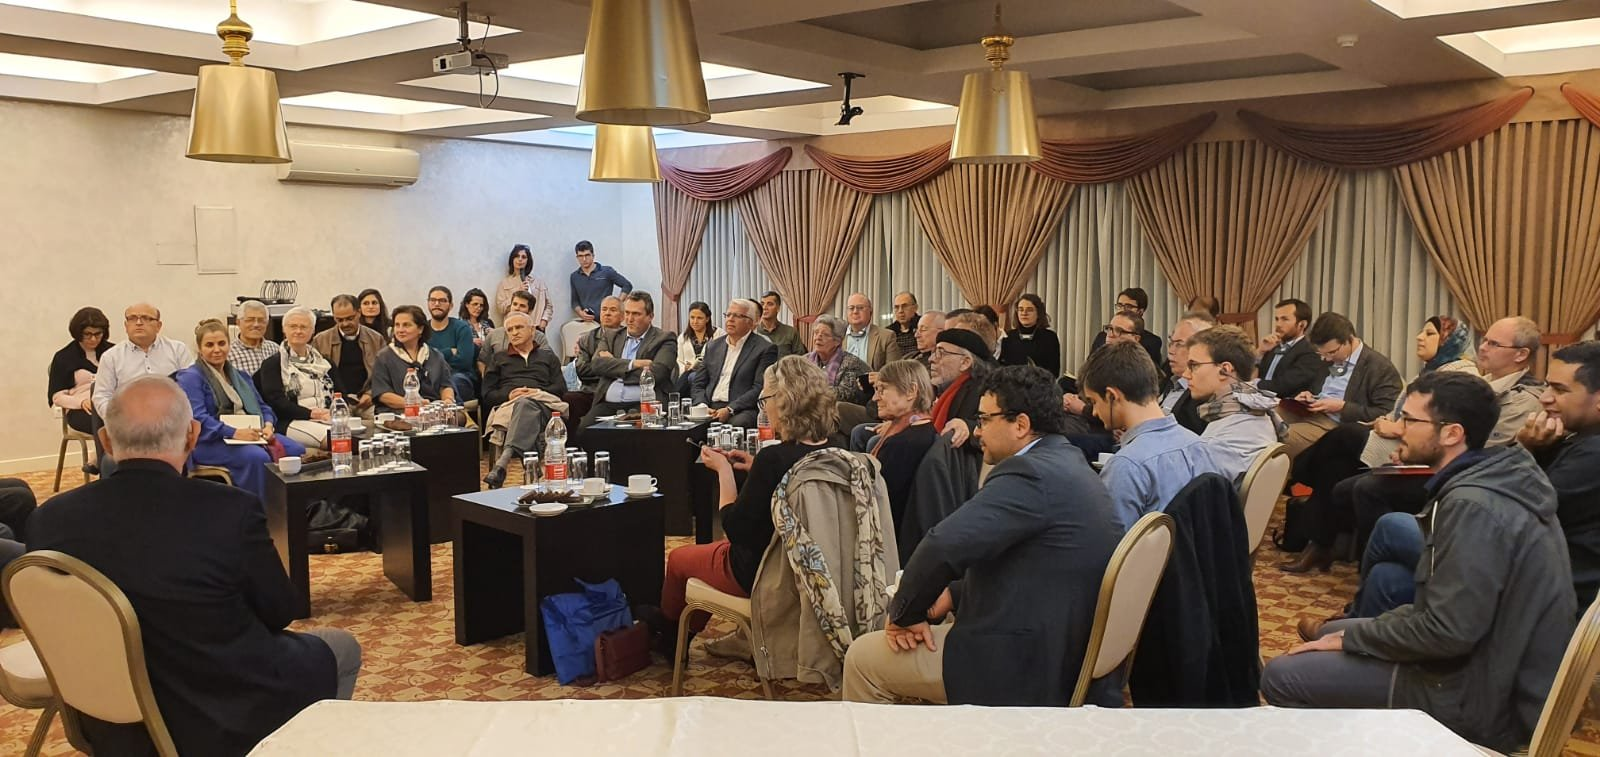 القدس: بركة إسرائيل تسعى لتفتيت التجمعات الفلسطينية ونحن بحاجة الى مخرج استراتيجي ثابت